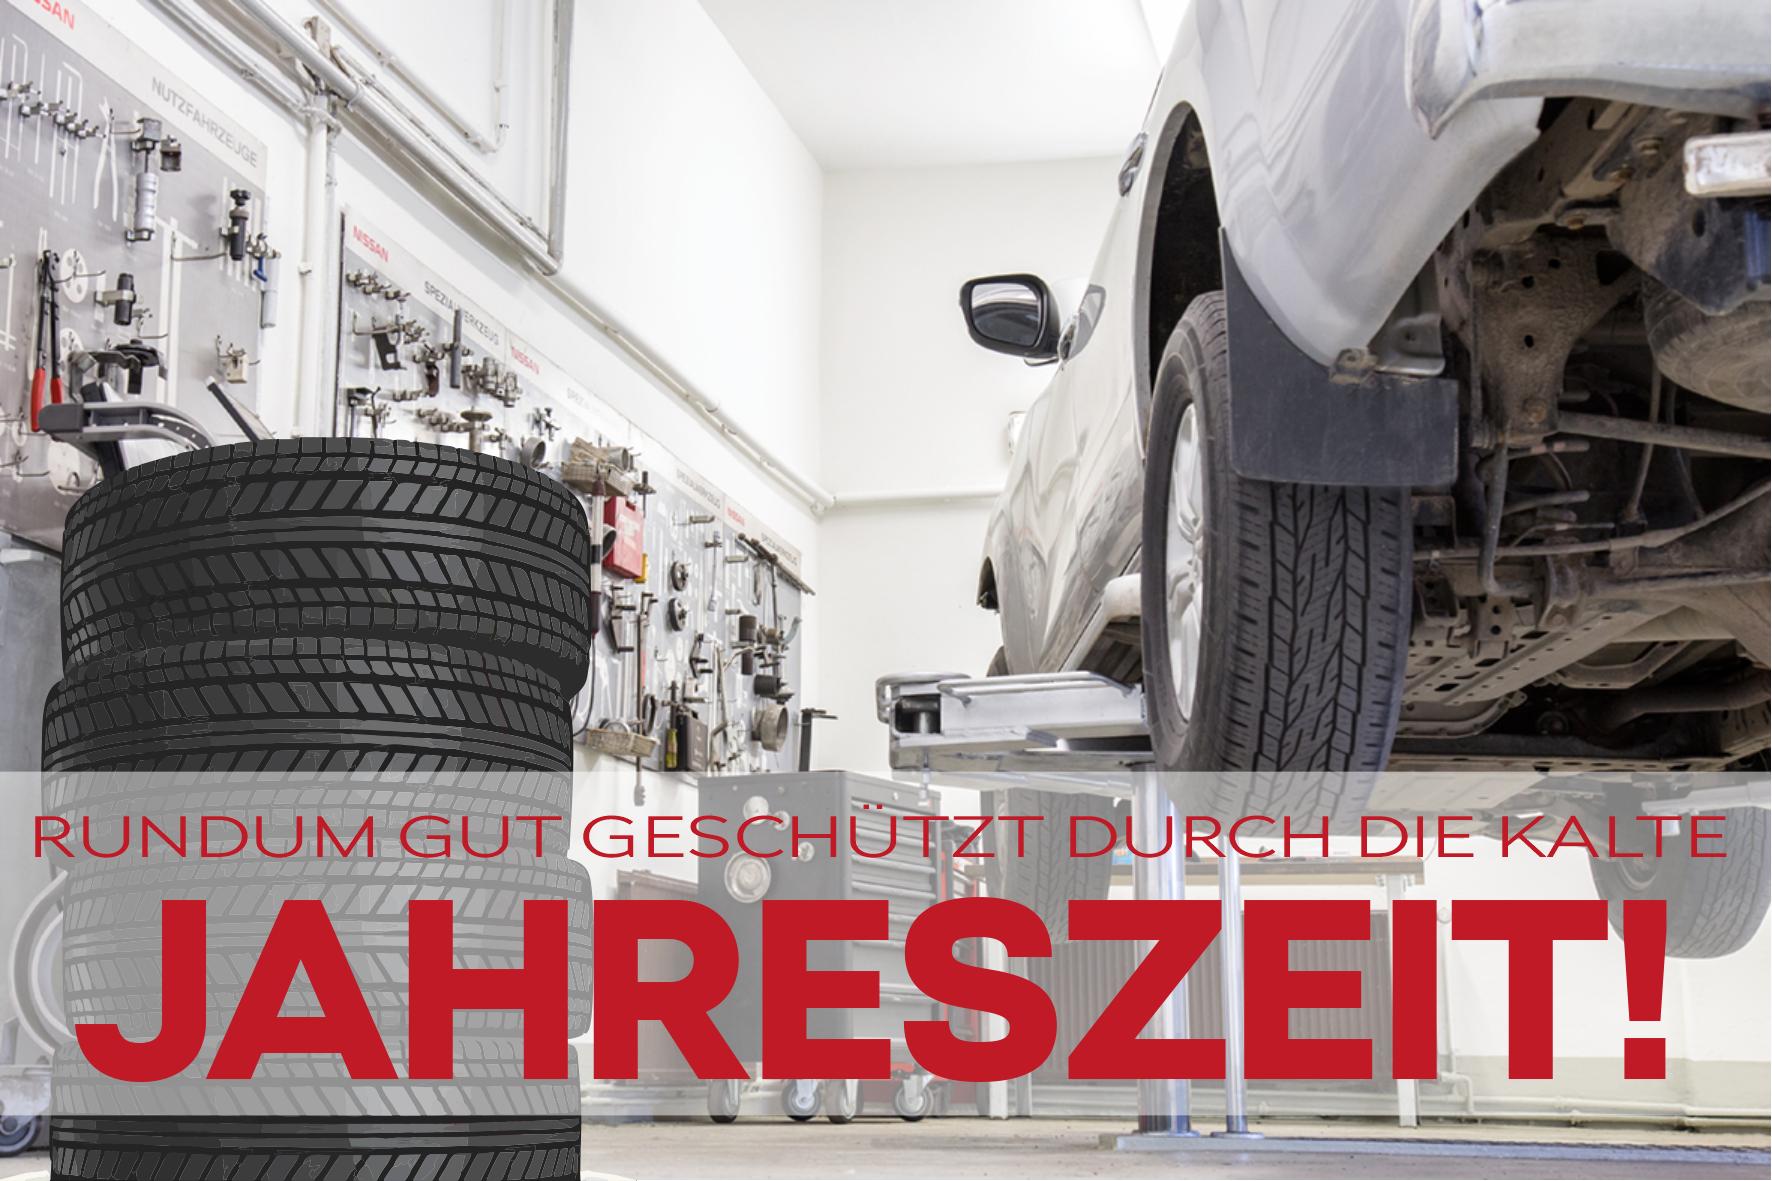 Unsere Räderwechsel-Montage!